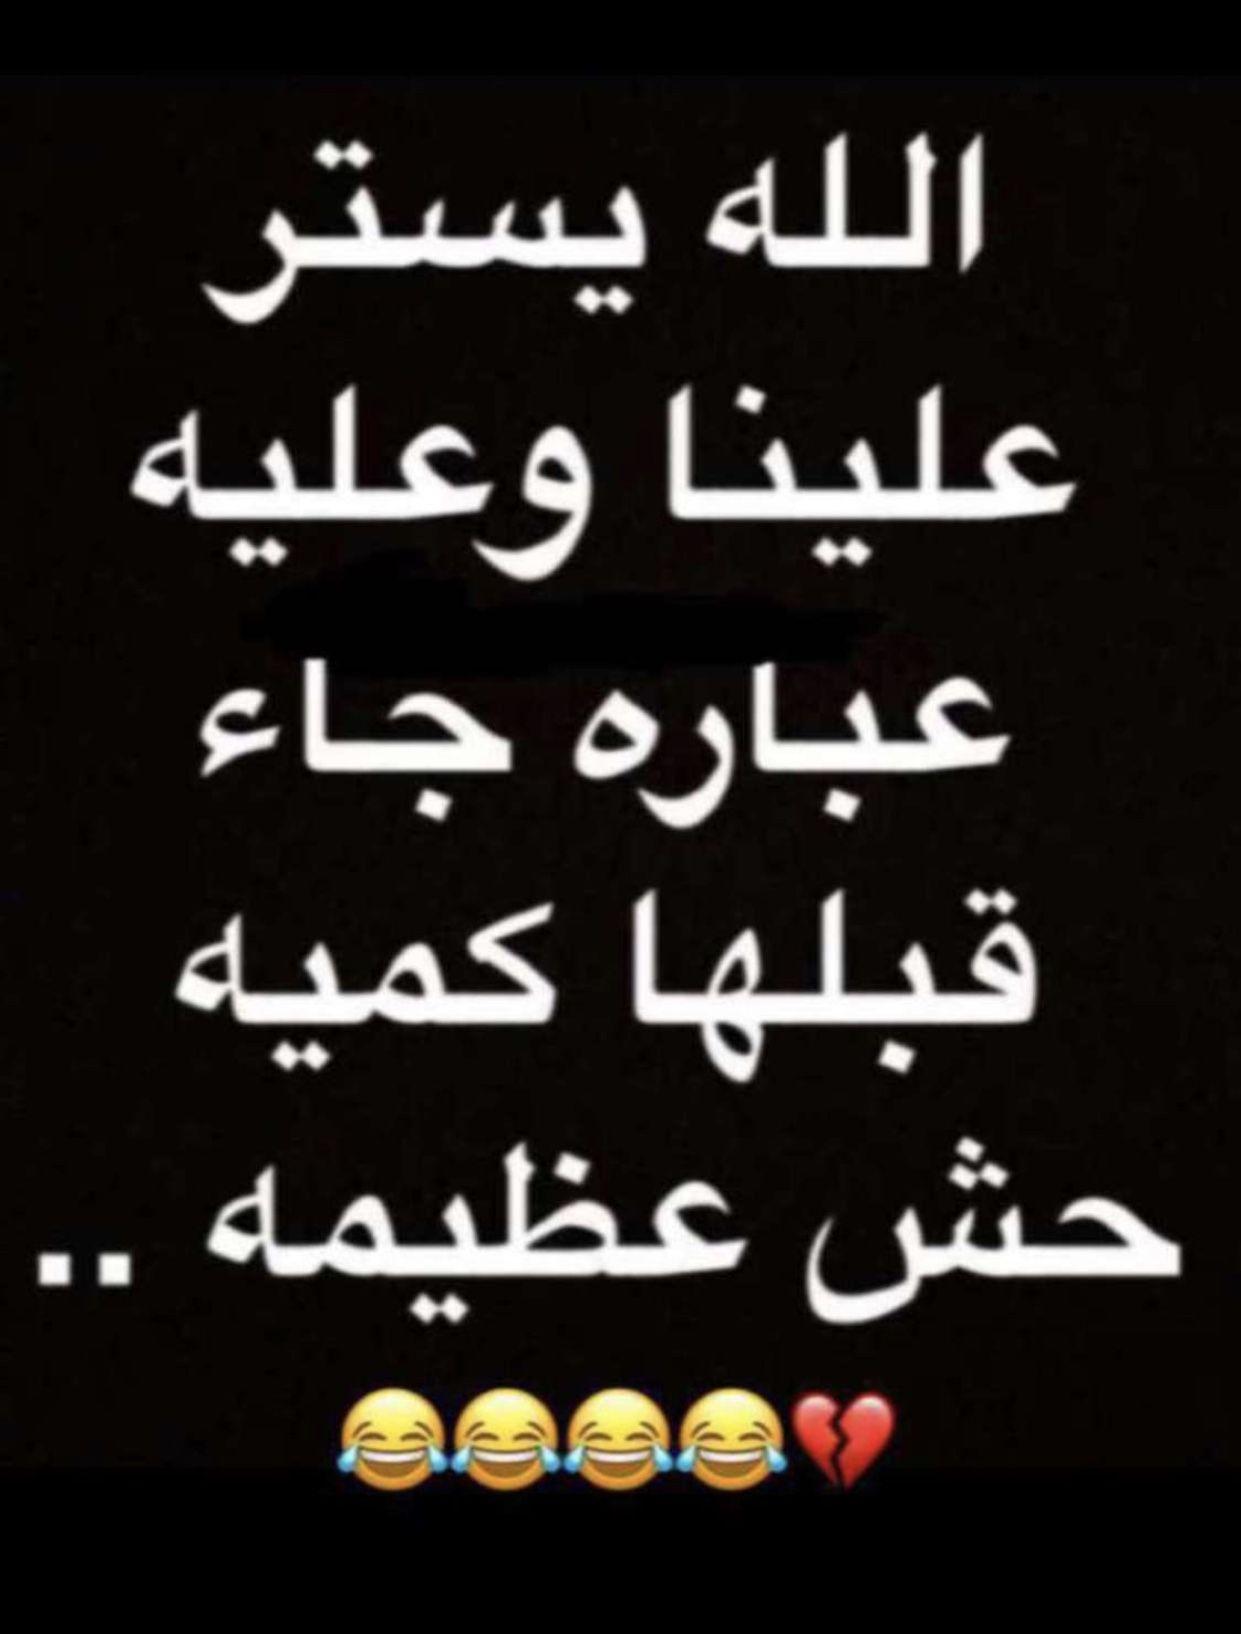 Pin By Re0o0ry ه م س ات ع اب ر ة On هههههههه Cool Words Arabic Funny Funny Arabic Quotes